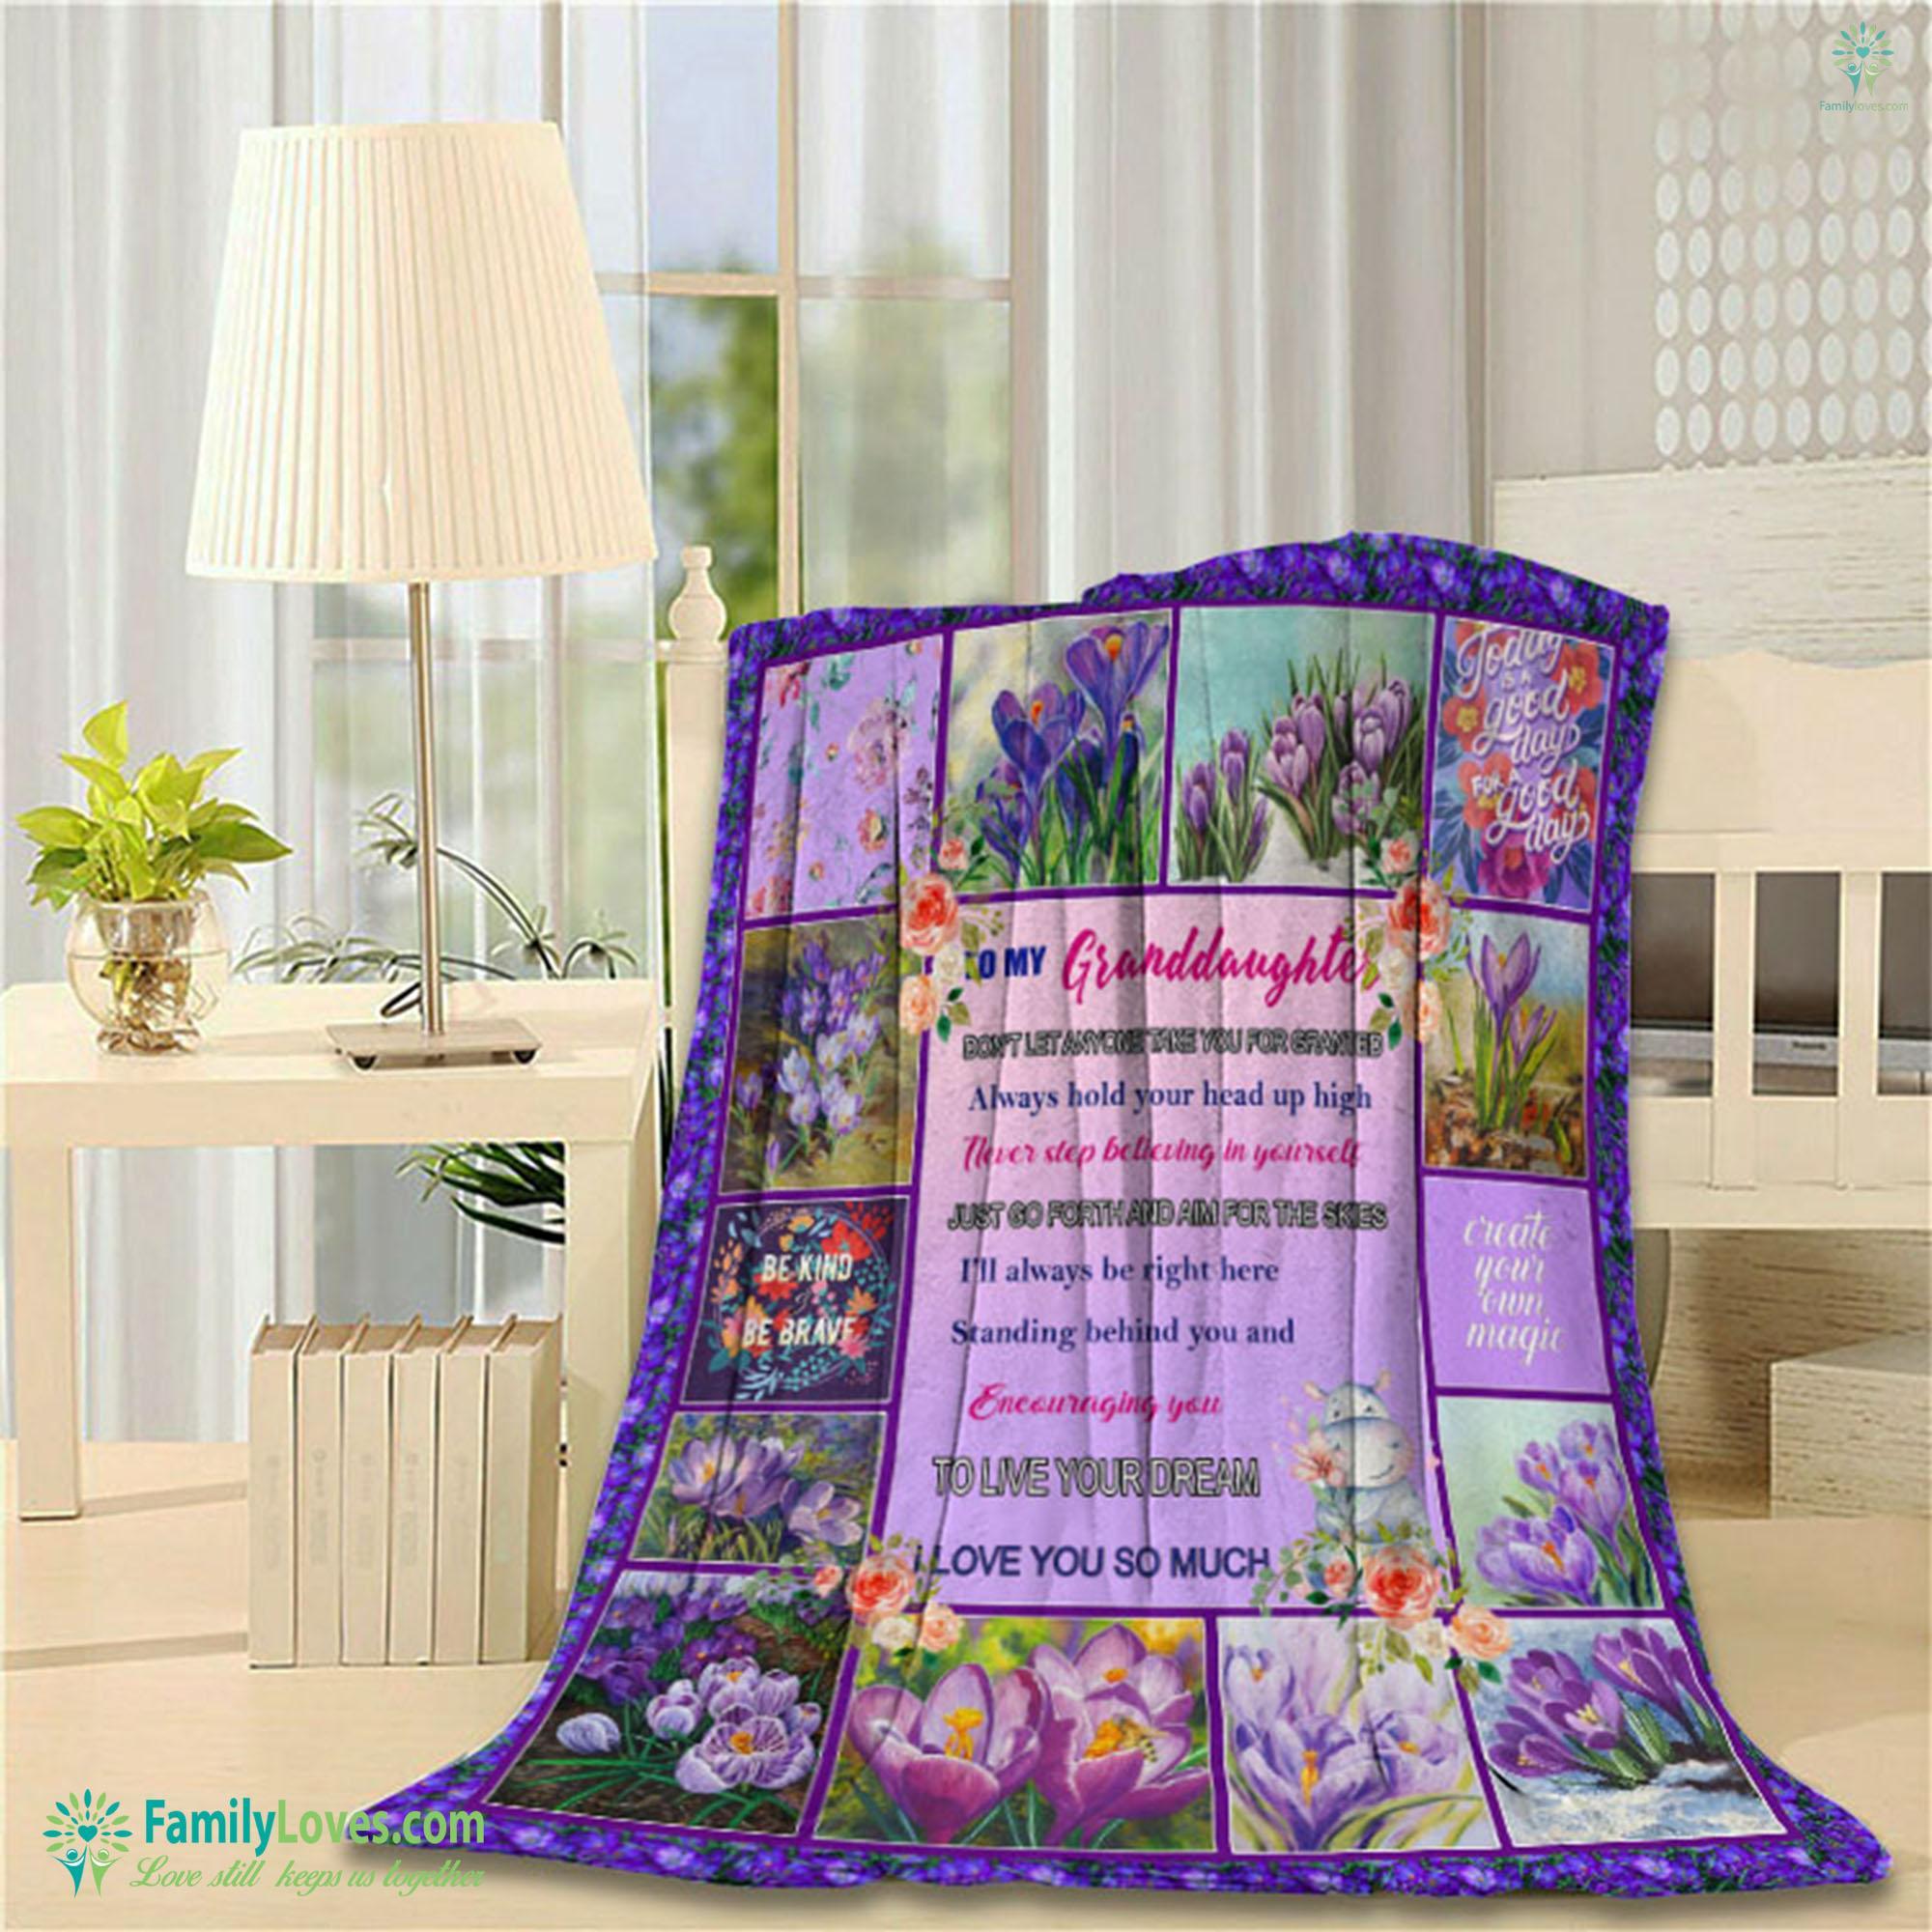 My Granddaughter Grandma Blanket 22 Familyloves.com